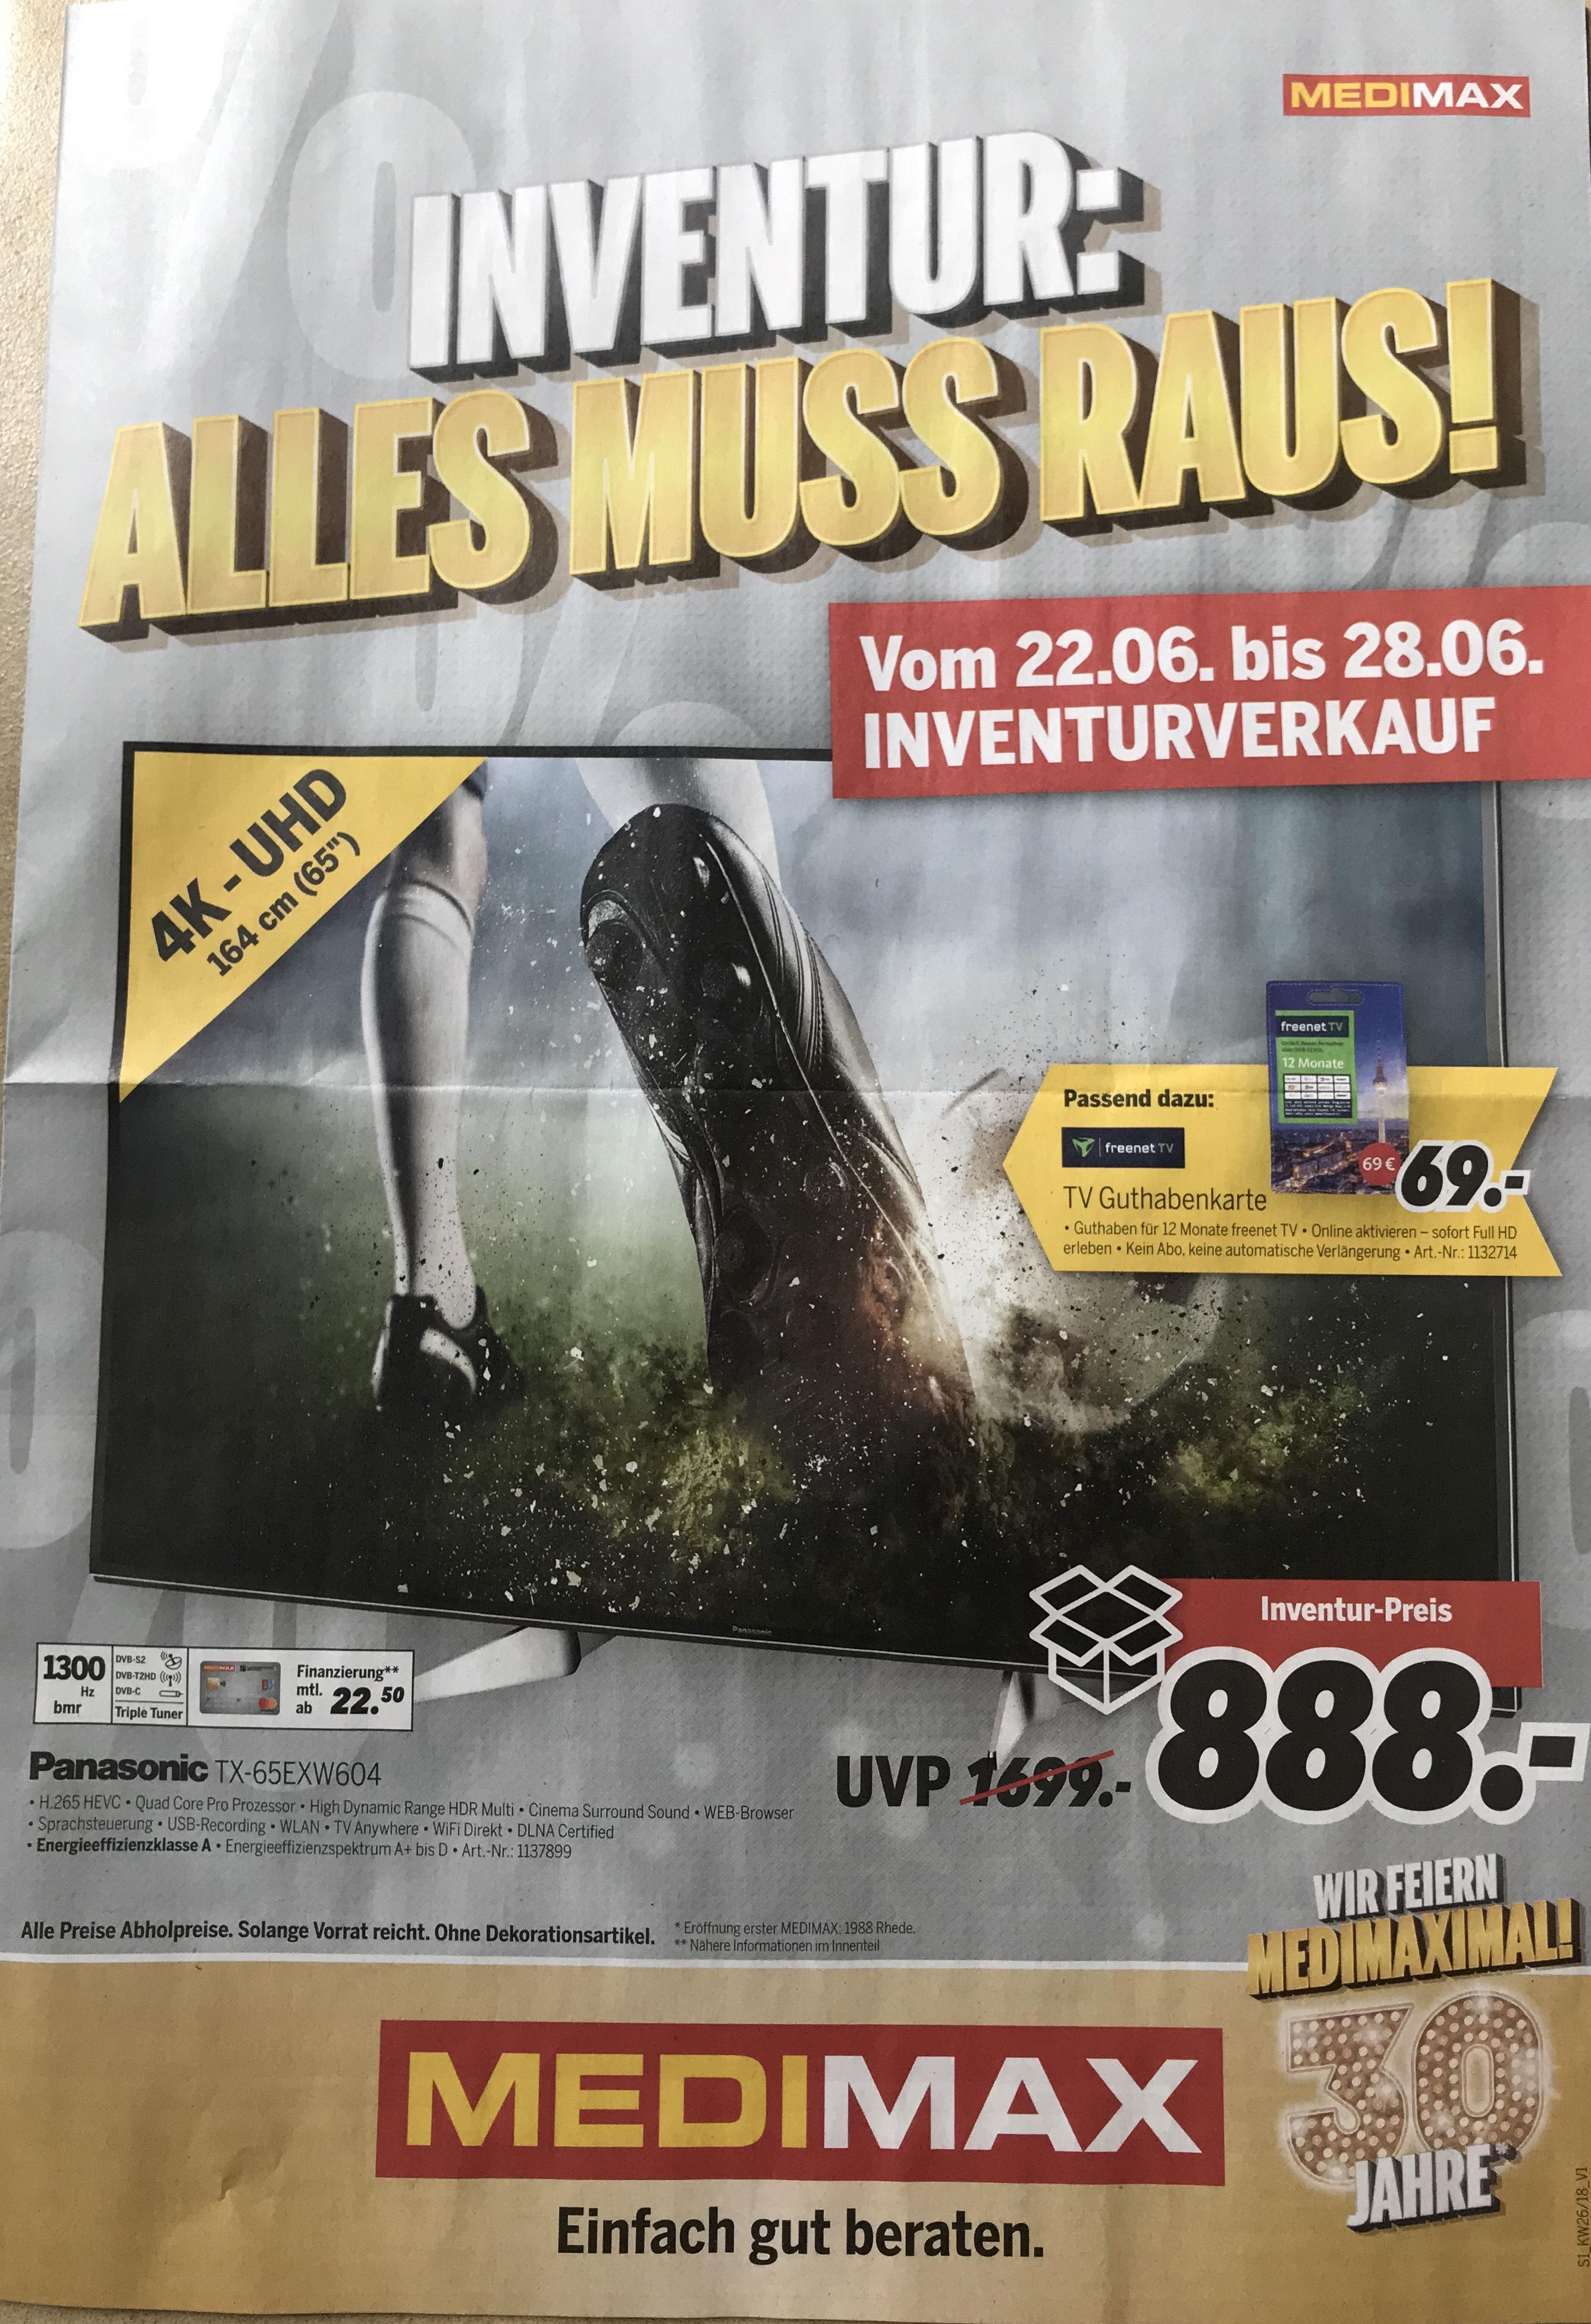 """Panasonic TX-65EXW604 4K-UHD 65"""" in Detmold (Lokal) zum Inventurpreis von 888 €"""